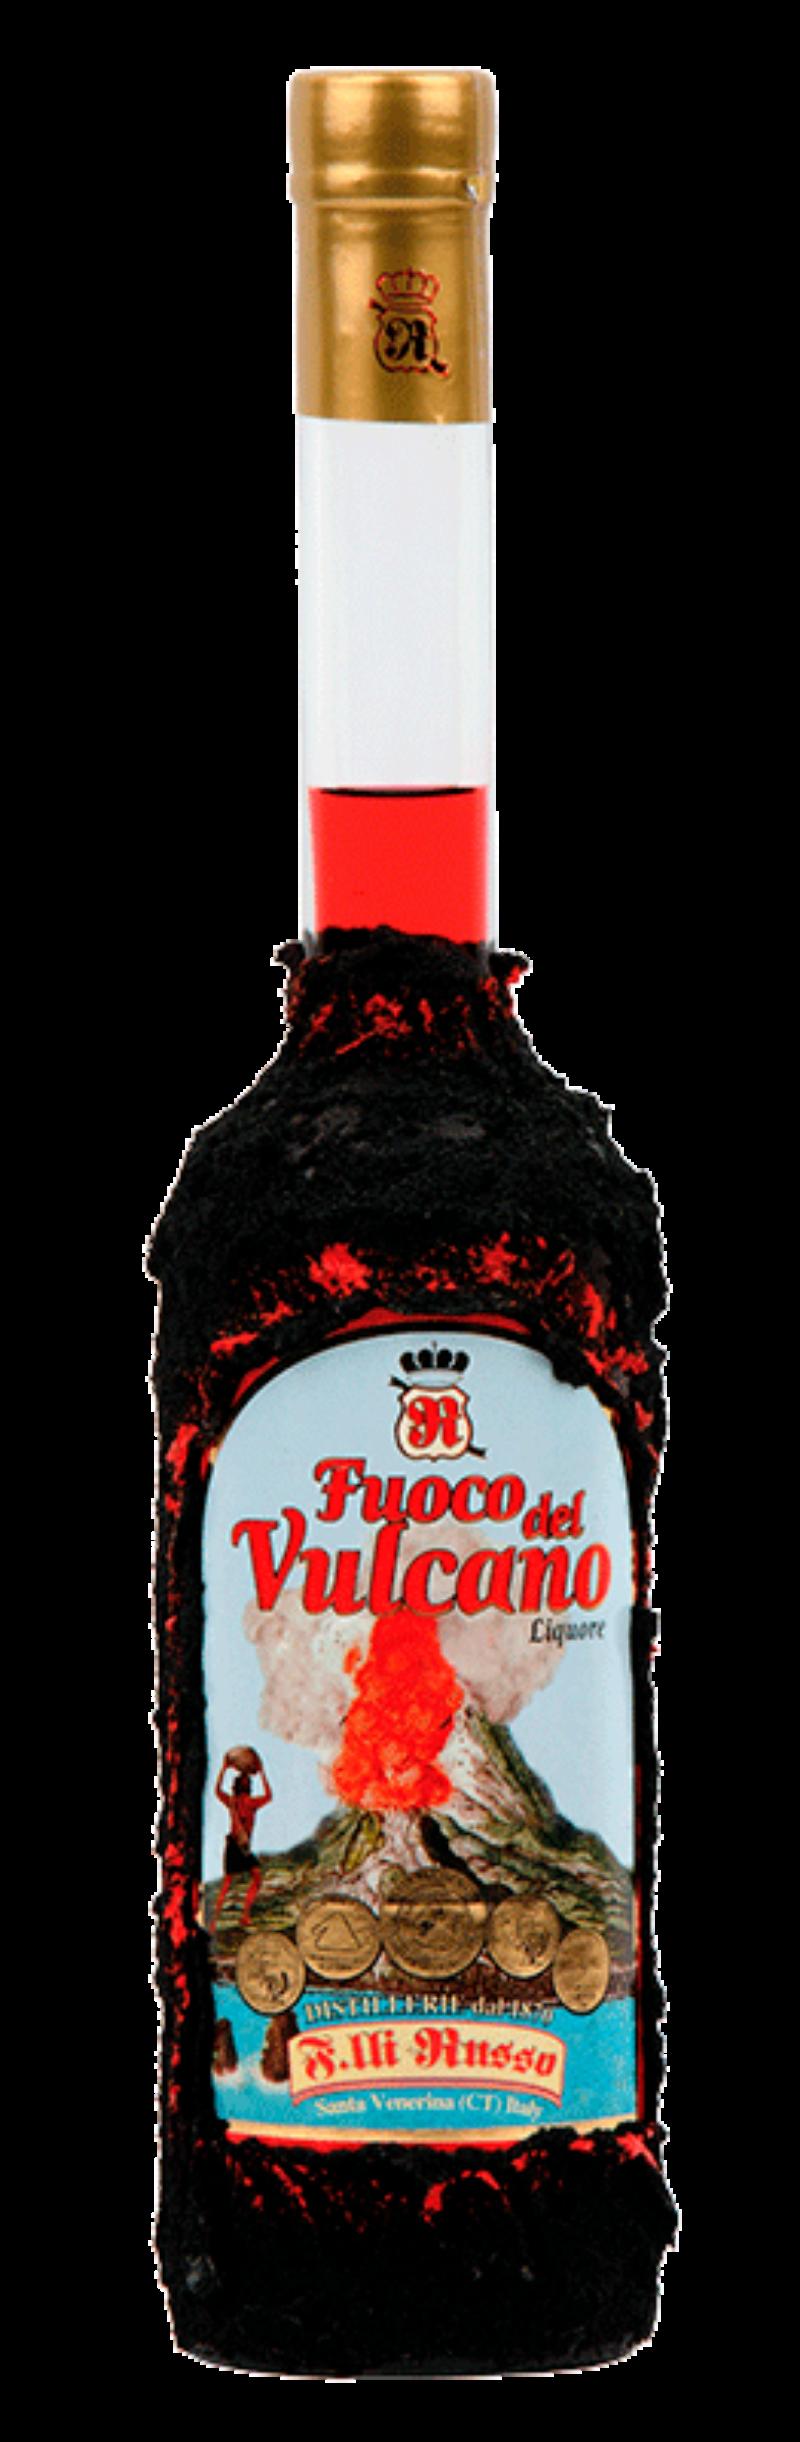 Fuoco-del-Vulcano